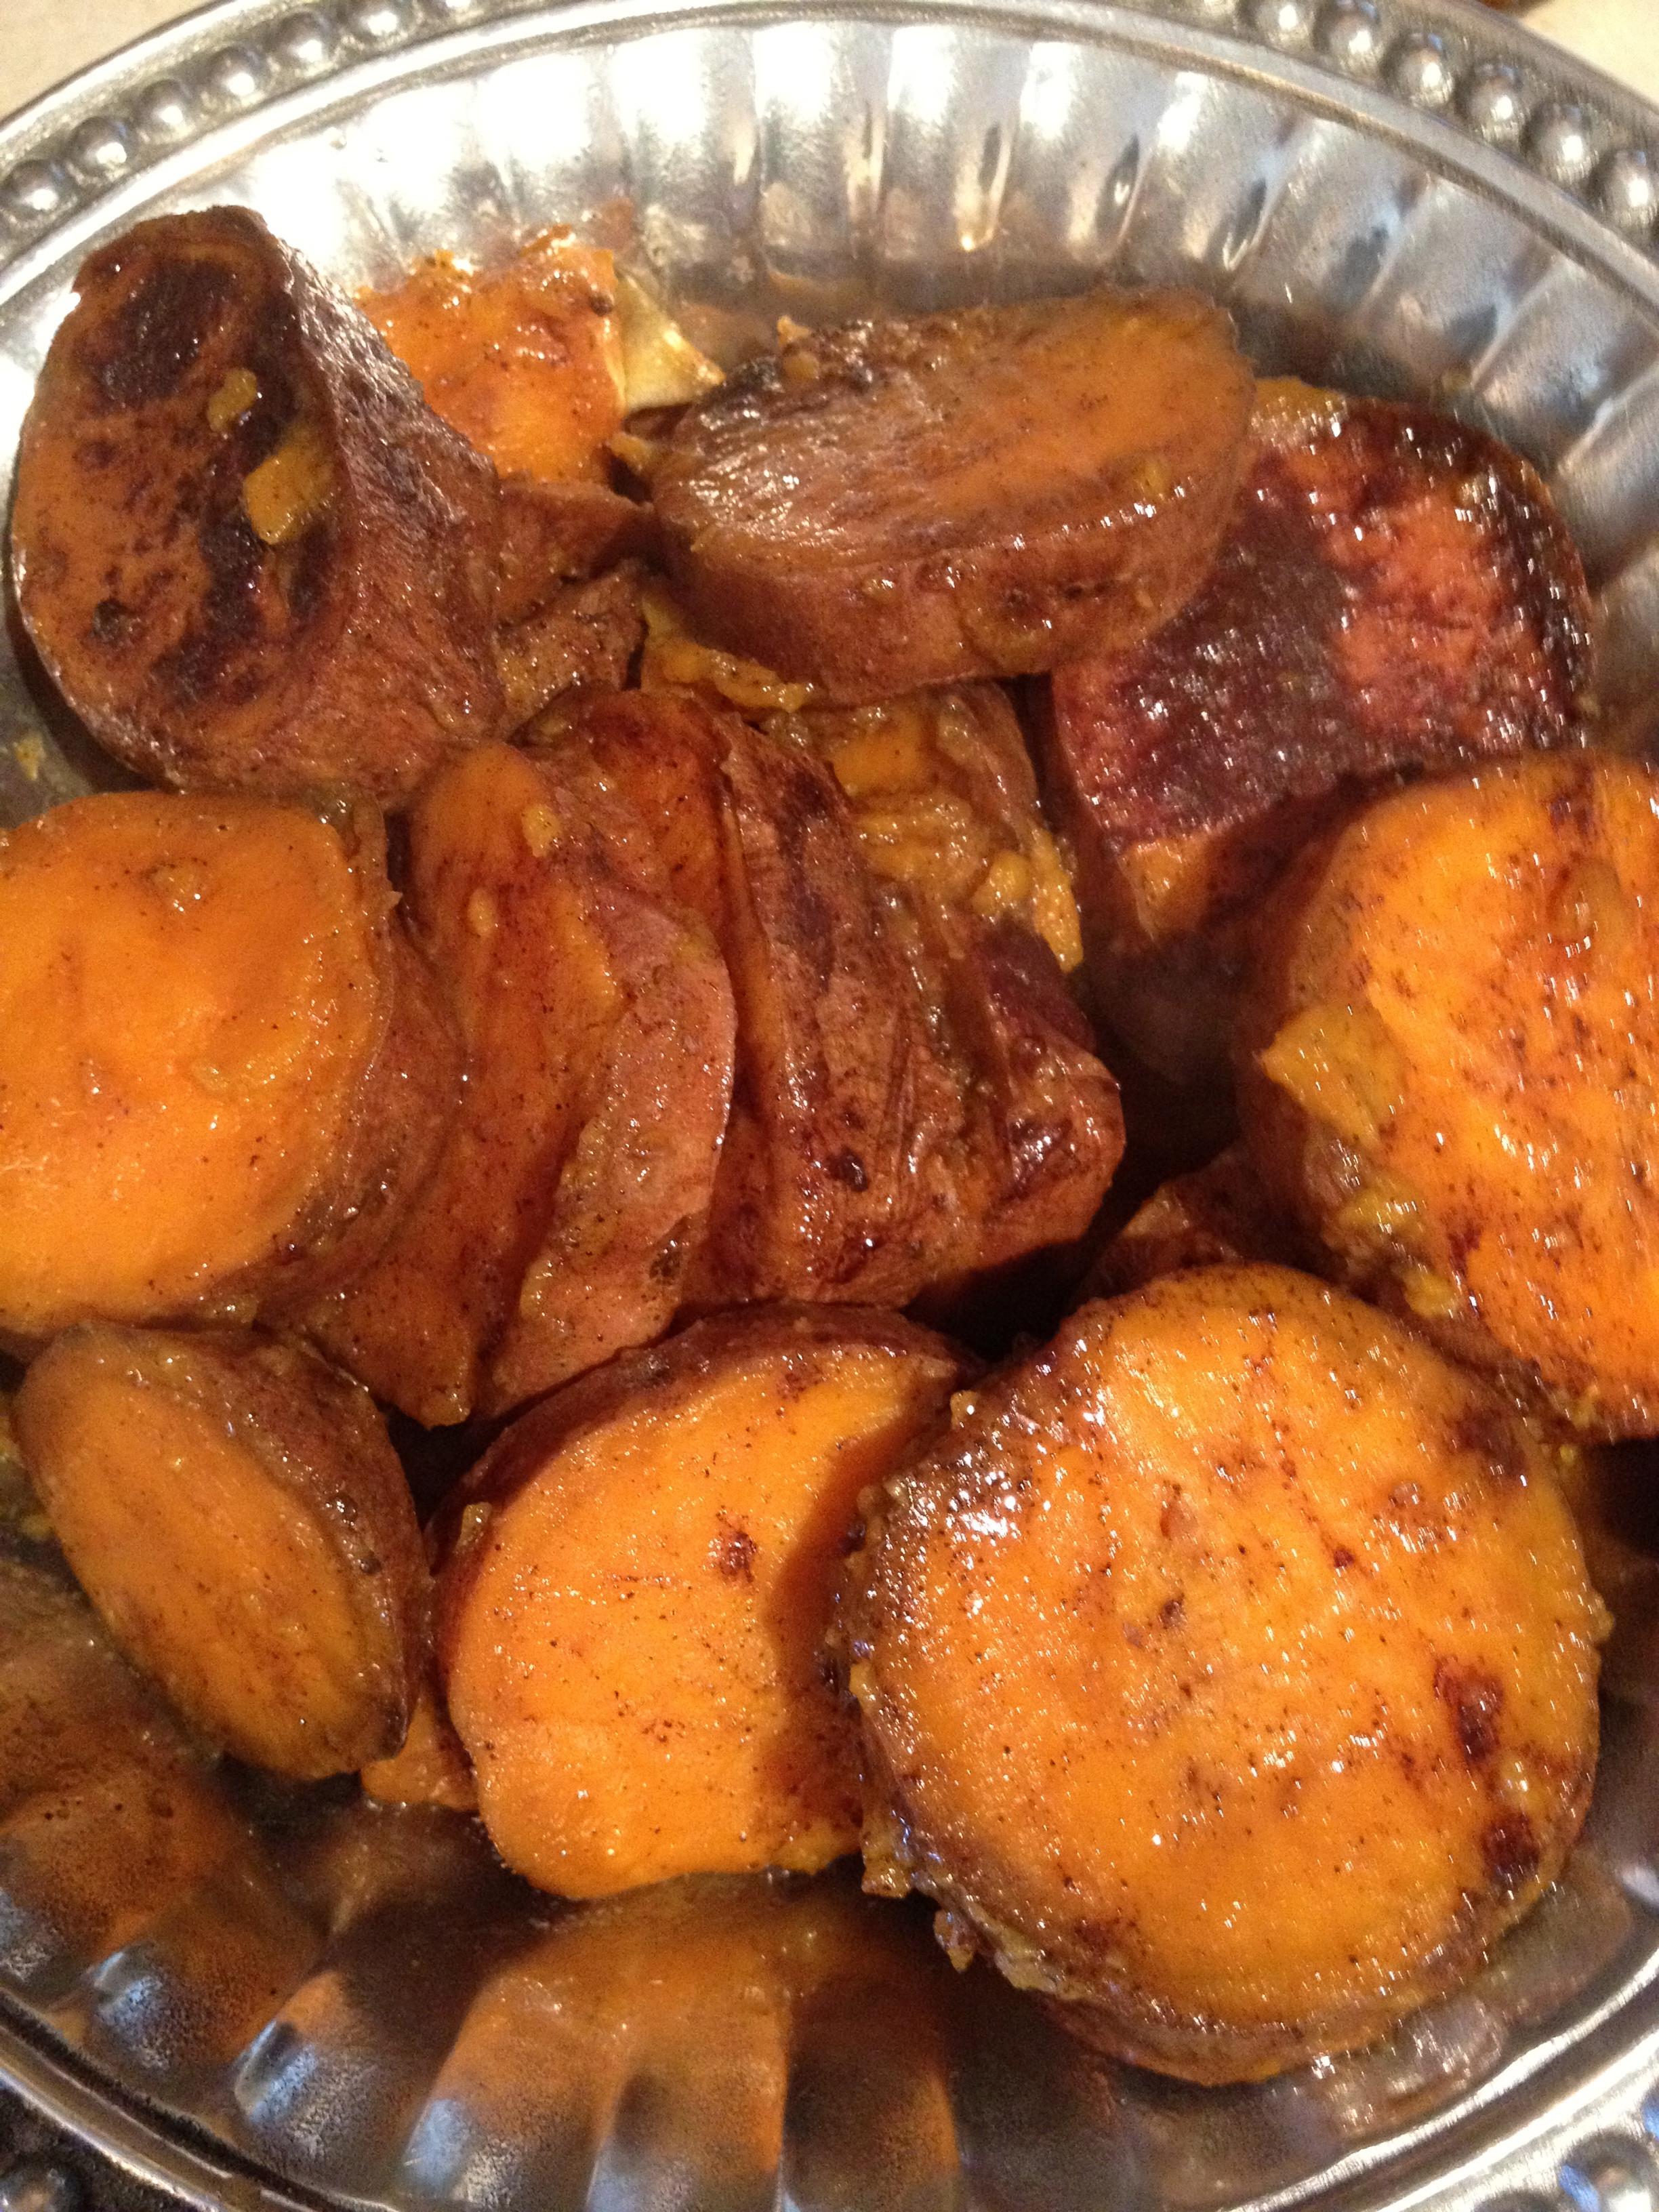 Crock Pot Potato Recipes  Crock Pot Slow Cooker Sweet Potatoes Recipes